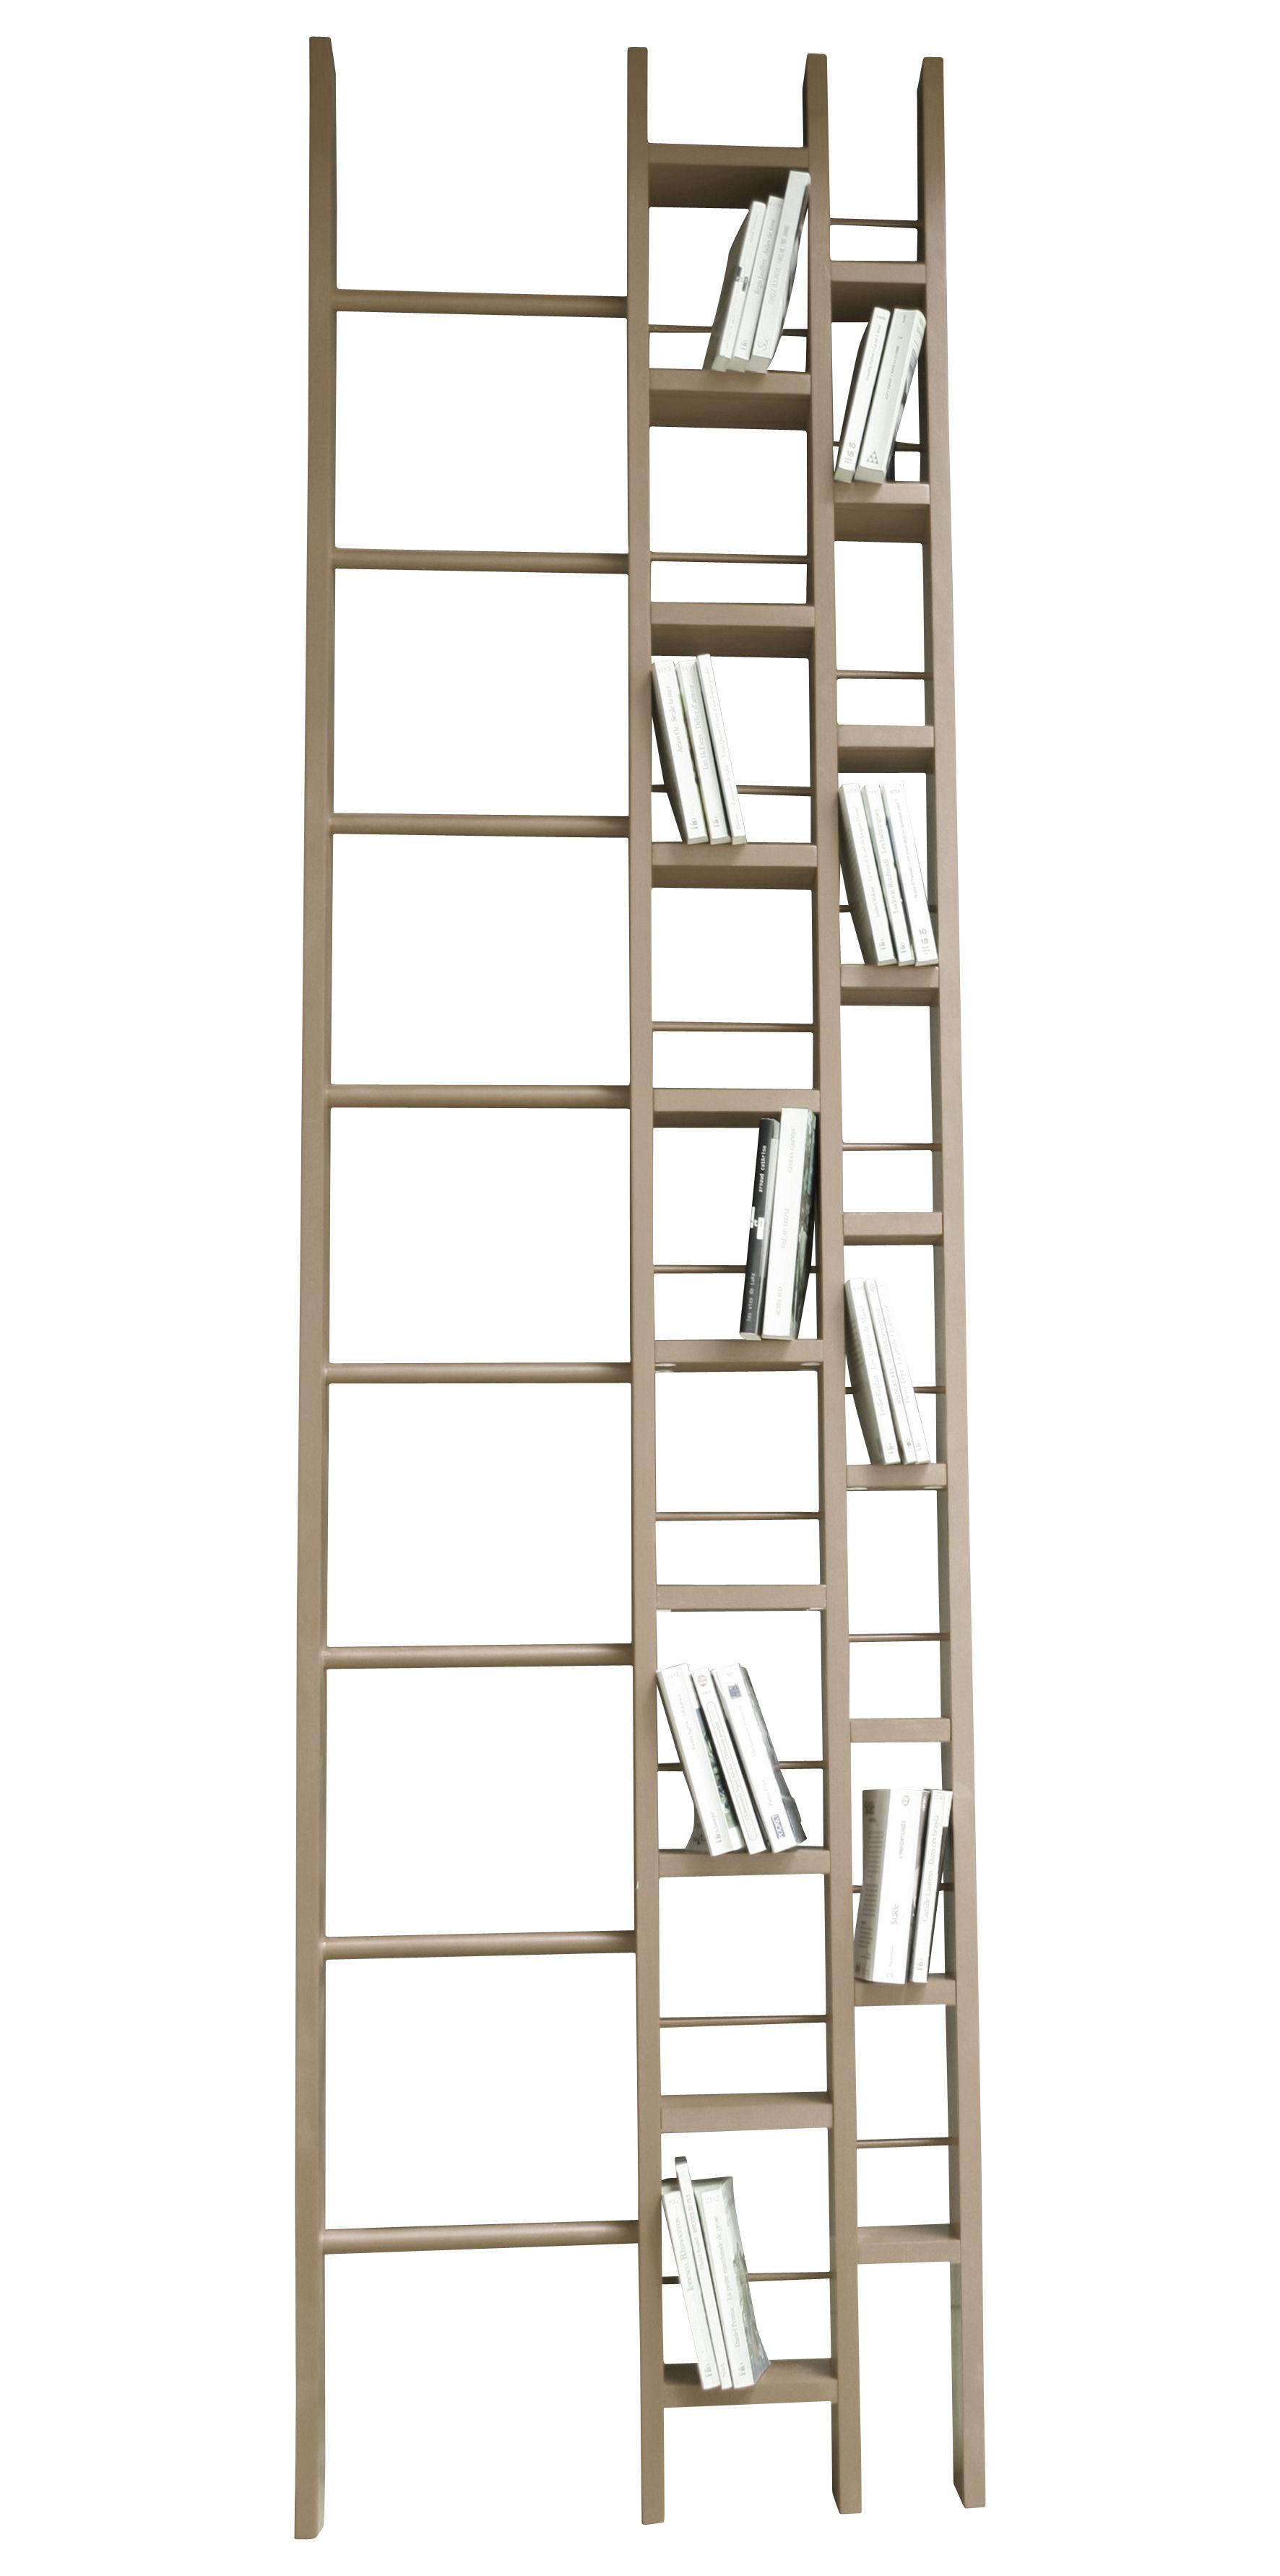 Mobilier - Etagères & bibliothèques - Bibliothèque Hô / L 64 x H 240 cm - La Corbeille - Hêtre - Hêtre massif verni